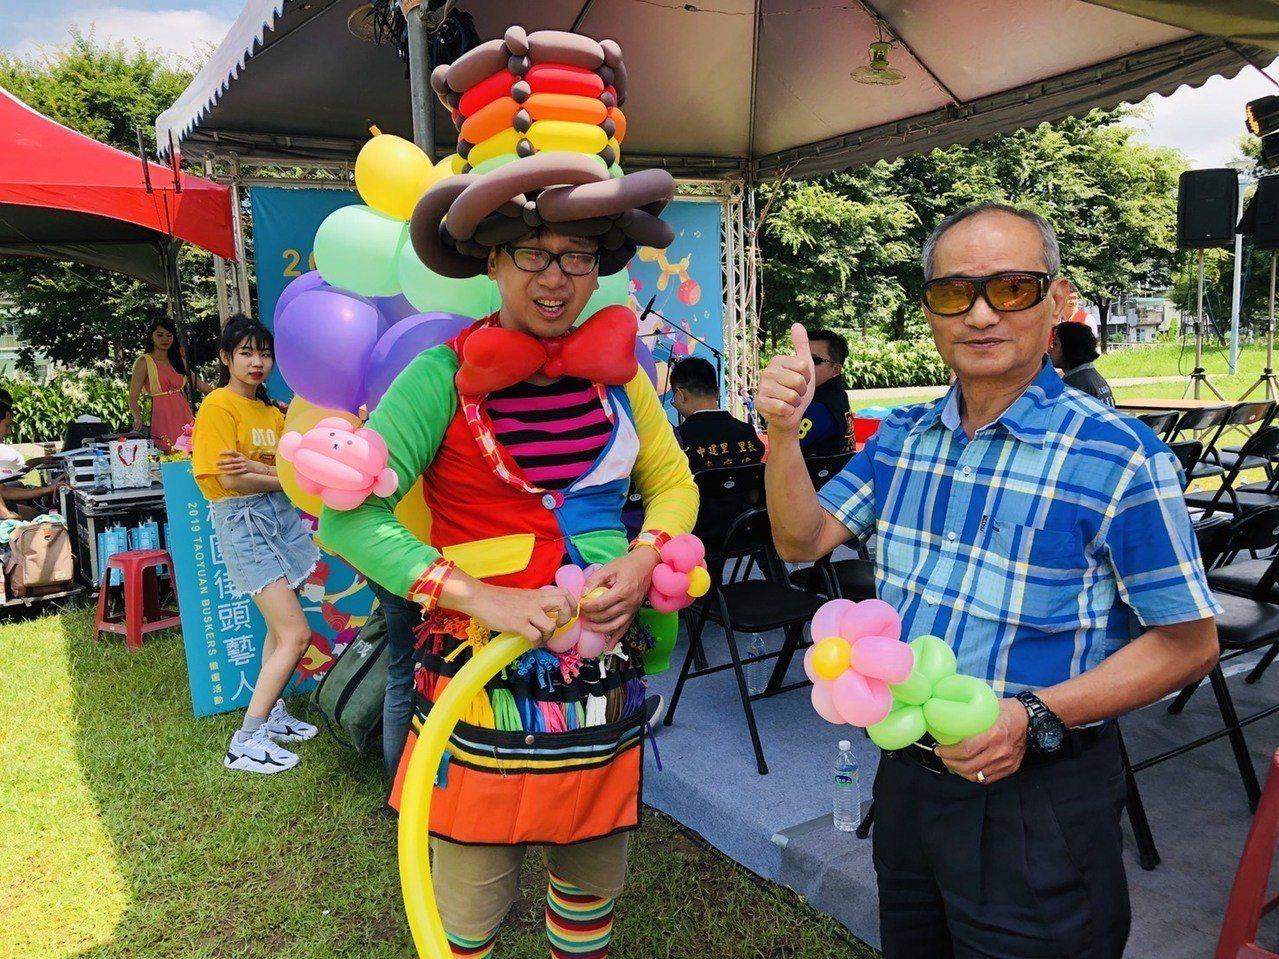 知名街頭藝人阿燈哥哥創意造型氣球為開場熱鬧演出。圖/桃園市文化局提供